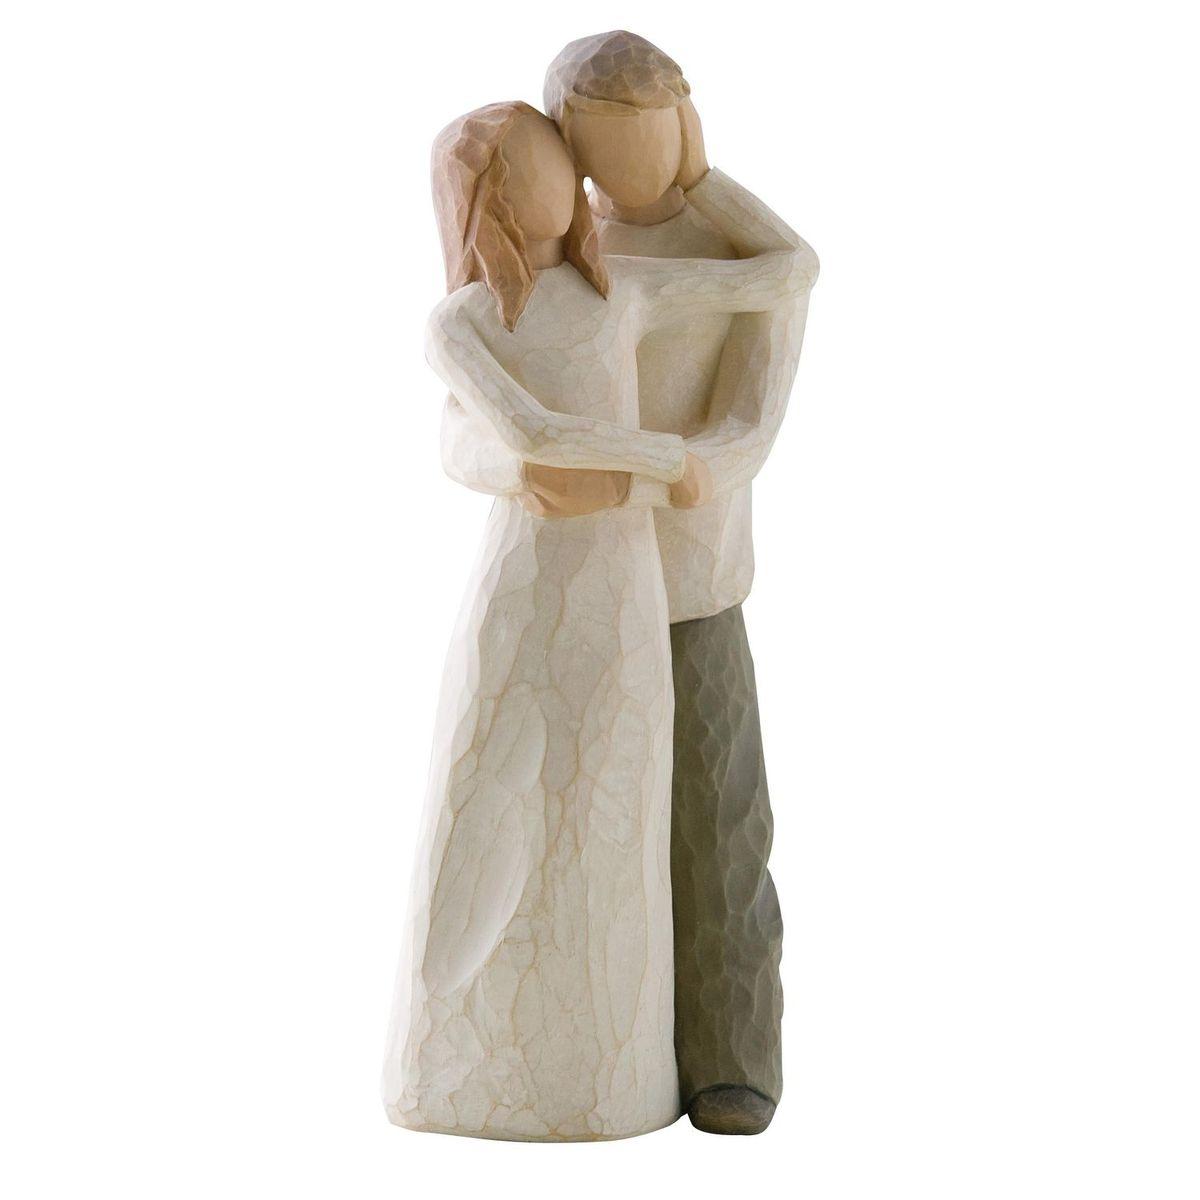 Фигурка Willow Tree Вместе вдвоем, 23 см26032Эти прекрасные статуэтки созданы канадским скульптором Сьюзан Лорди. Каждая фигурка – это настоящее произведение искусства, образная скульптура в миниатюре, изображающая эмоции и чувства, которые помогают нам чувствовать себя ближе к другим, верить в мечту, выражать любовь. Каждая фигурка помещена в красивую упаковку. Купить такой оригинальный подарок, значит не только украсить интерьер помещения или жилой комнаты, но выразить свое глубокое отношение к любимому человеку. Этот прекрасный сувенир будет лучшим подарком на день ангела, именины, день рождения, юбилей. Материал: Искусственный камень (49% карбонат кальция мелкозернистой разновидности, 51% искусственный камень)